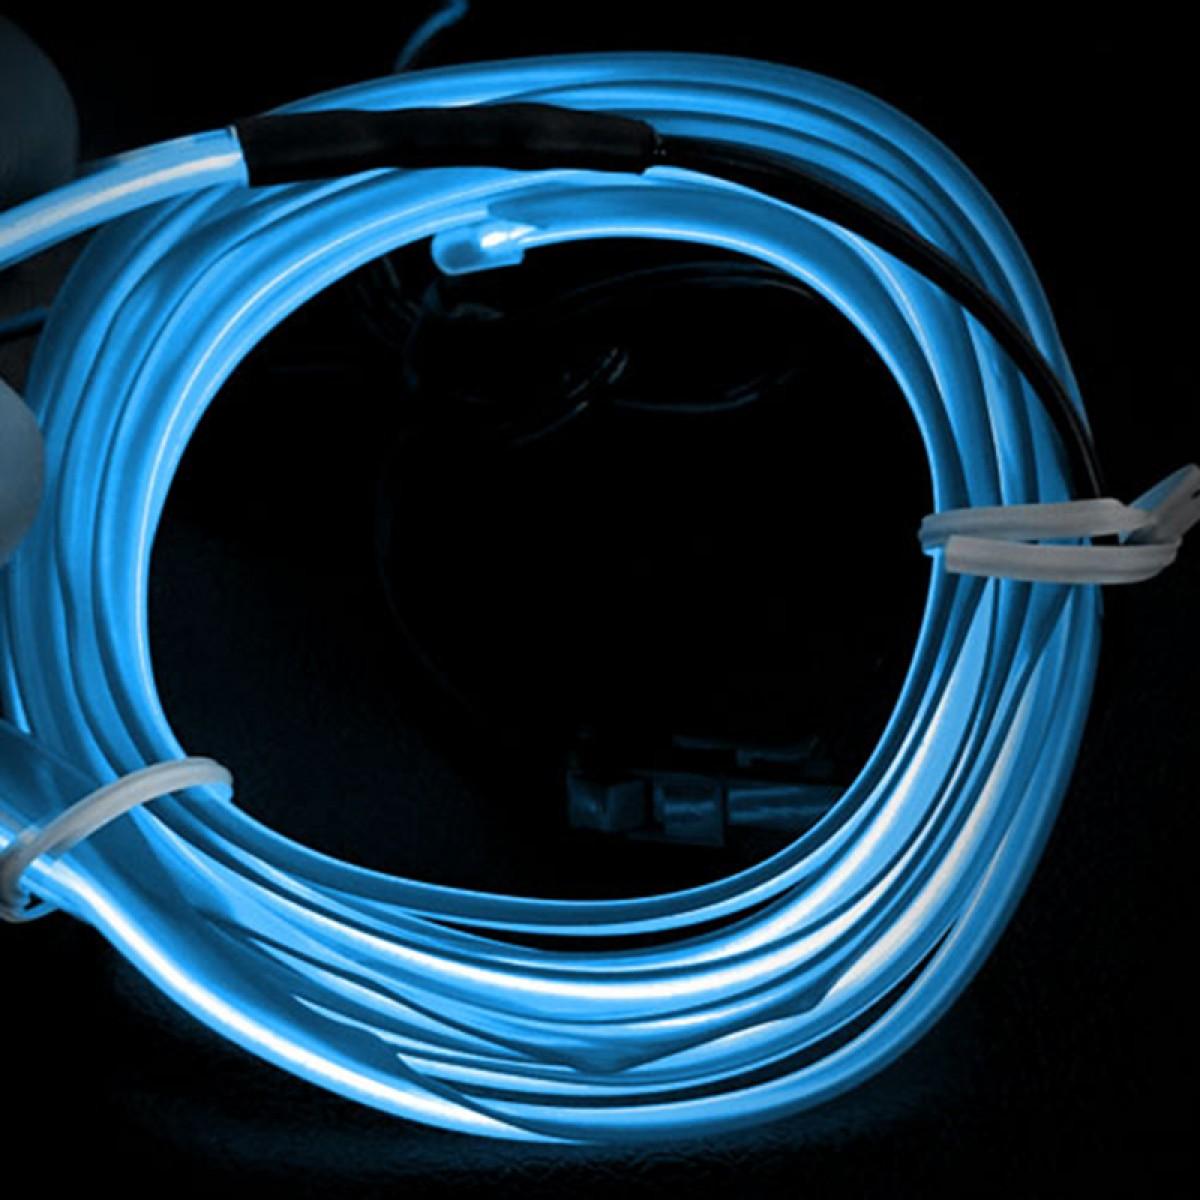 Εύκαμπτο LED καλώδιο 2m για την εσωτερική διακόσμηση κάθε αυτοκινήτου - El wire- ΟΙΝΟΠΝΕΥΜΑΤΙ